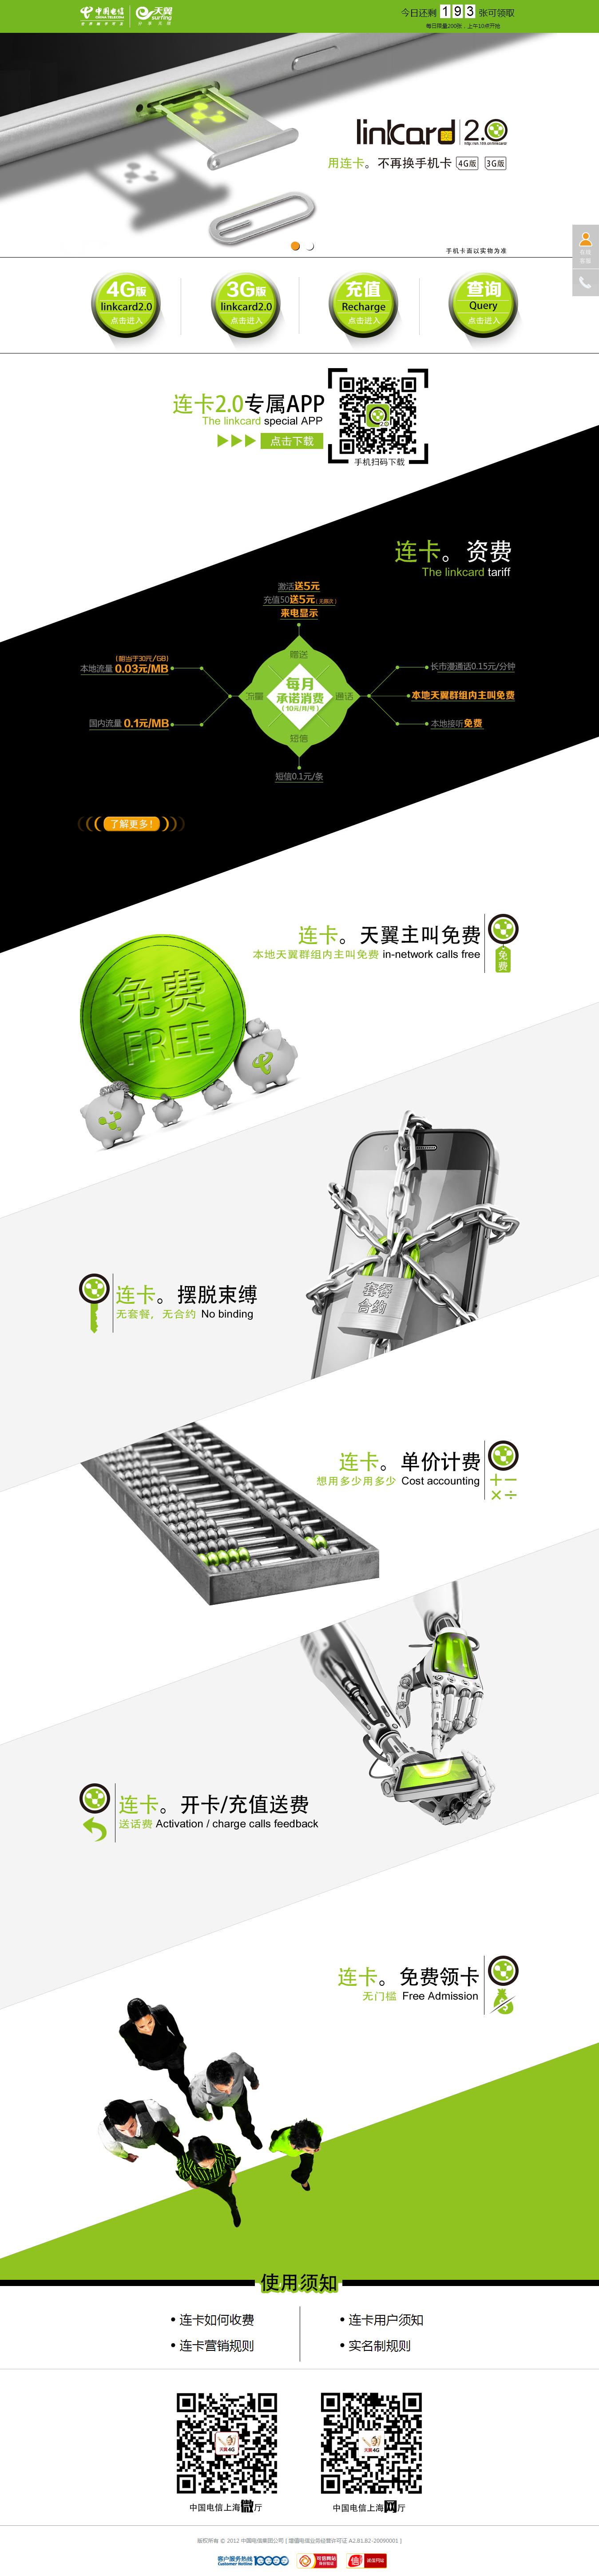 2015-10-06-电信活动-连卡2.0